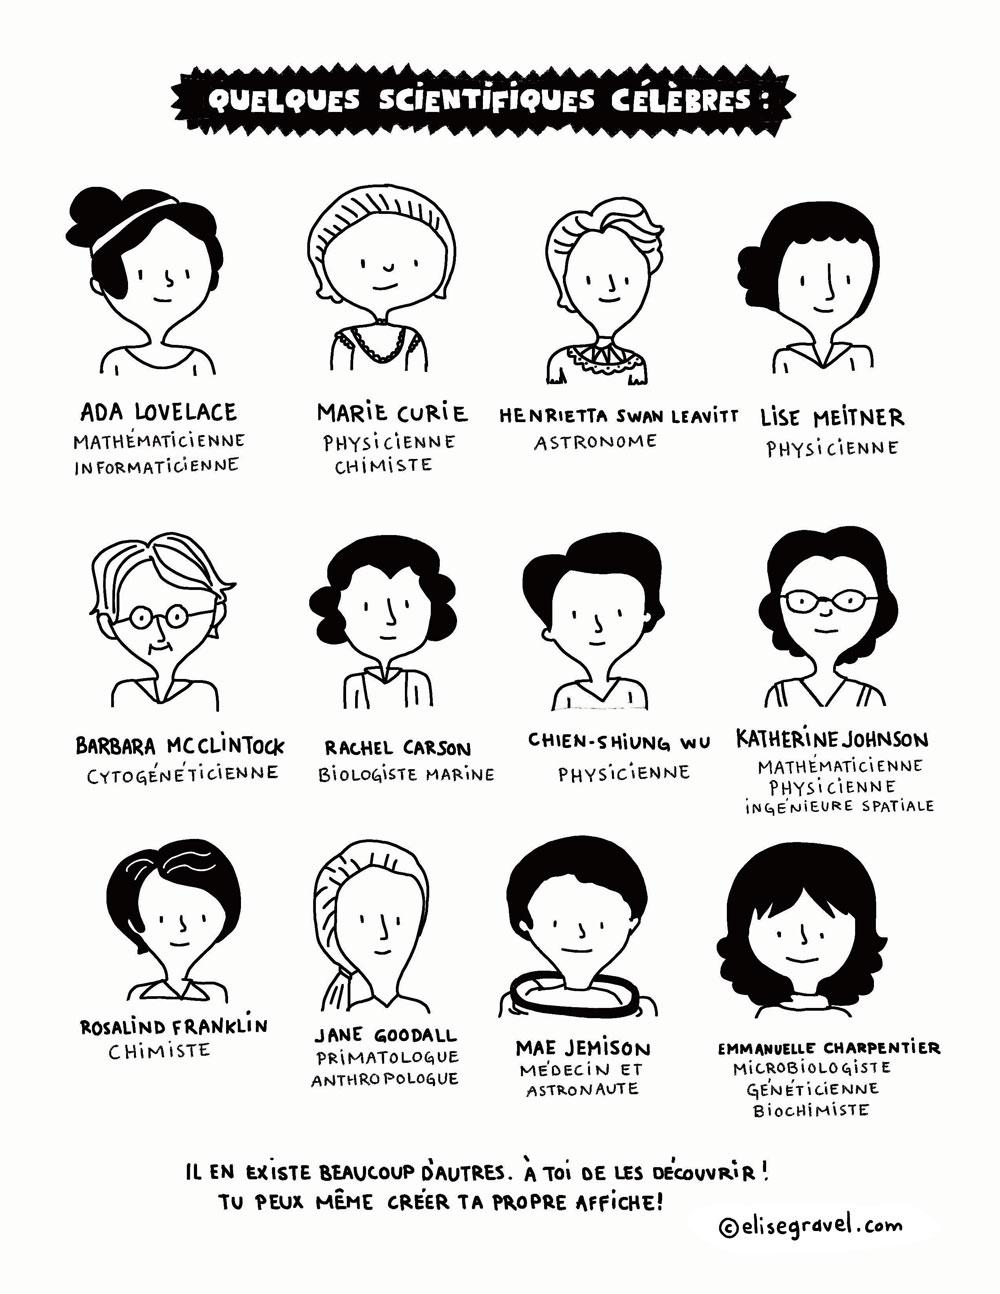 Femmes scientifiques célèbres